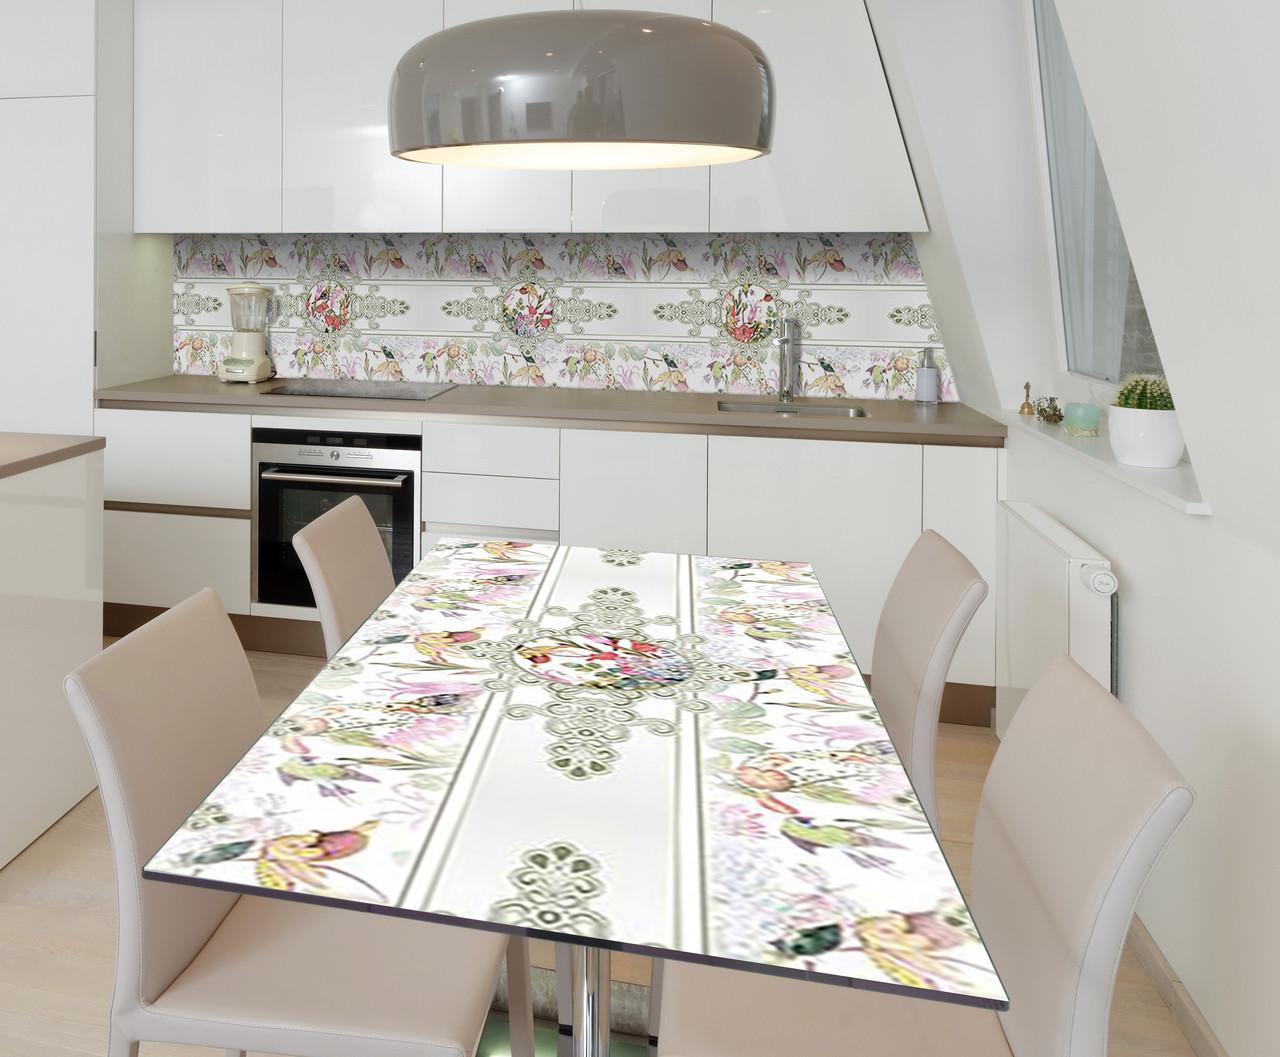 Наклейка 3Д виниловая на стол Zatarga «Пчичьи виньетки» 600х1200 мм для домов, квартир, столов, кофейн, кафе